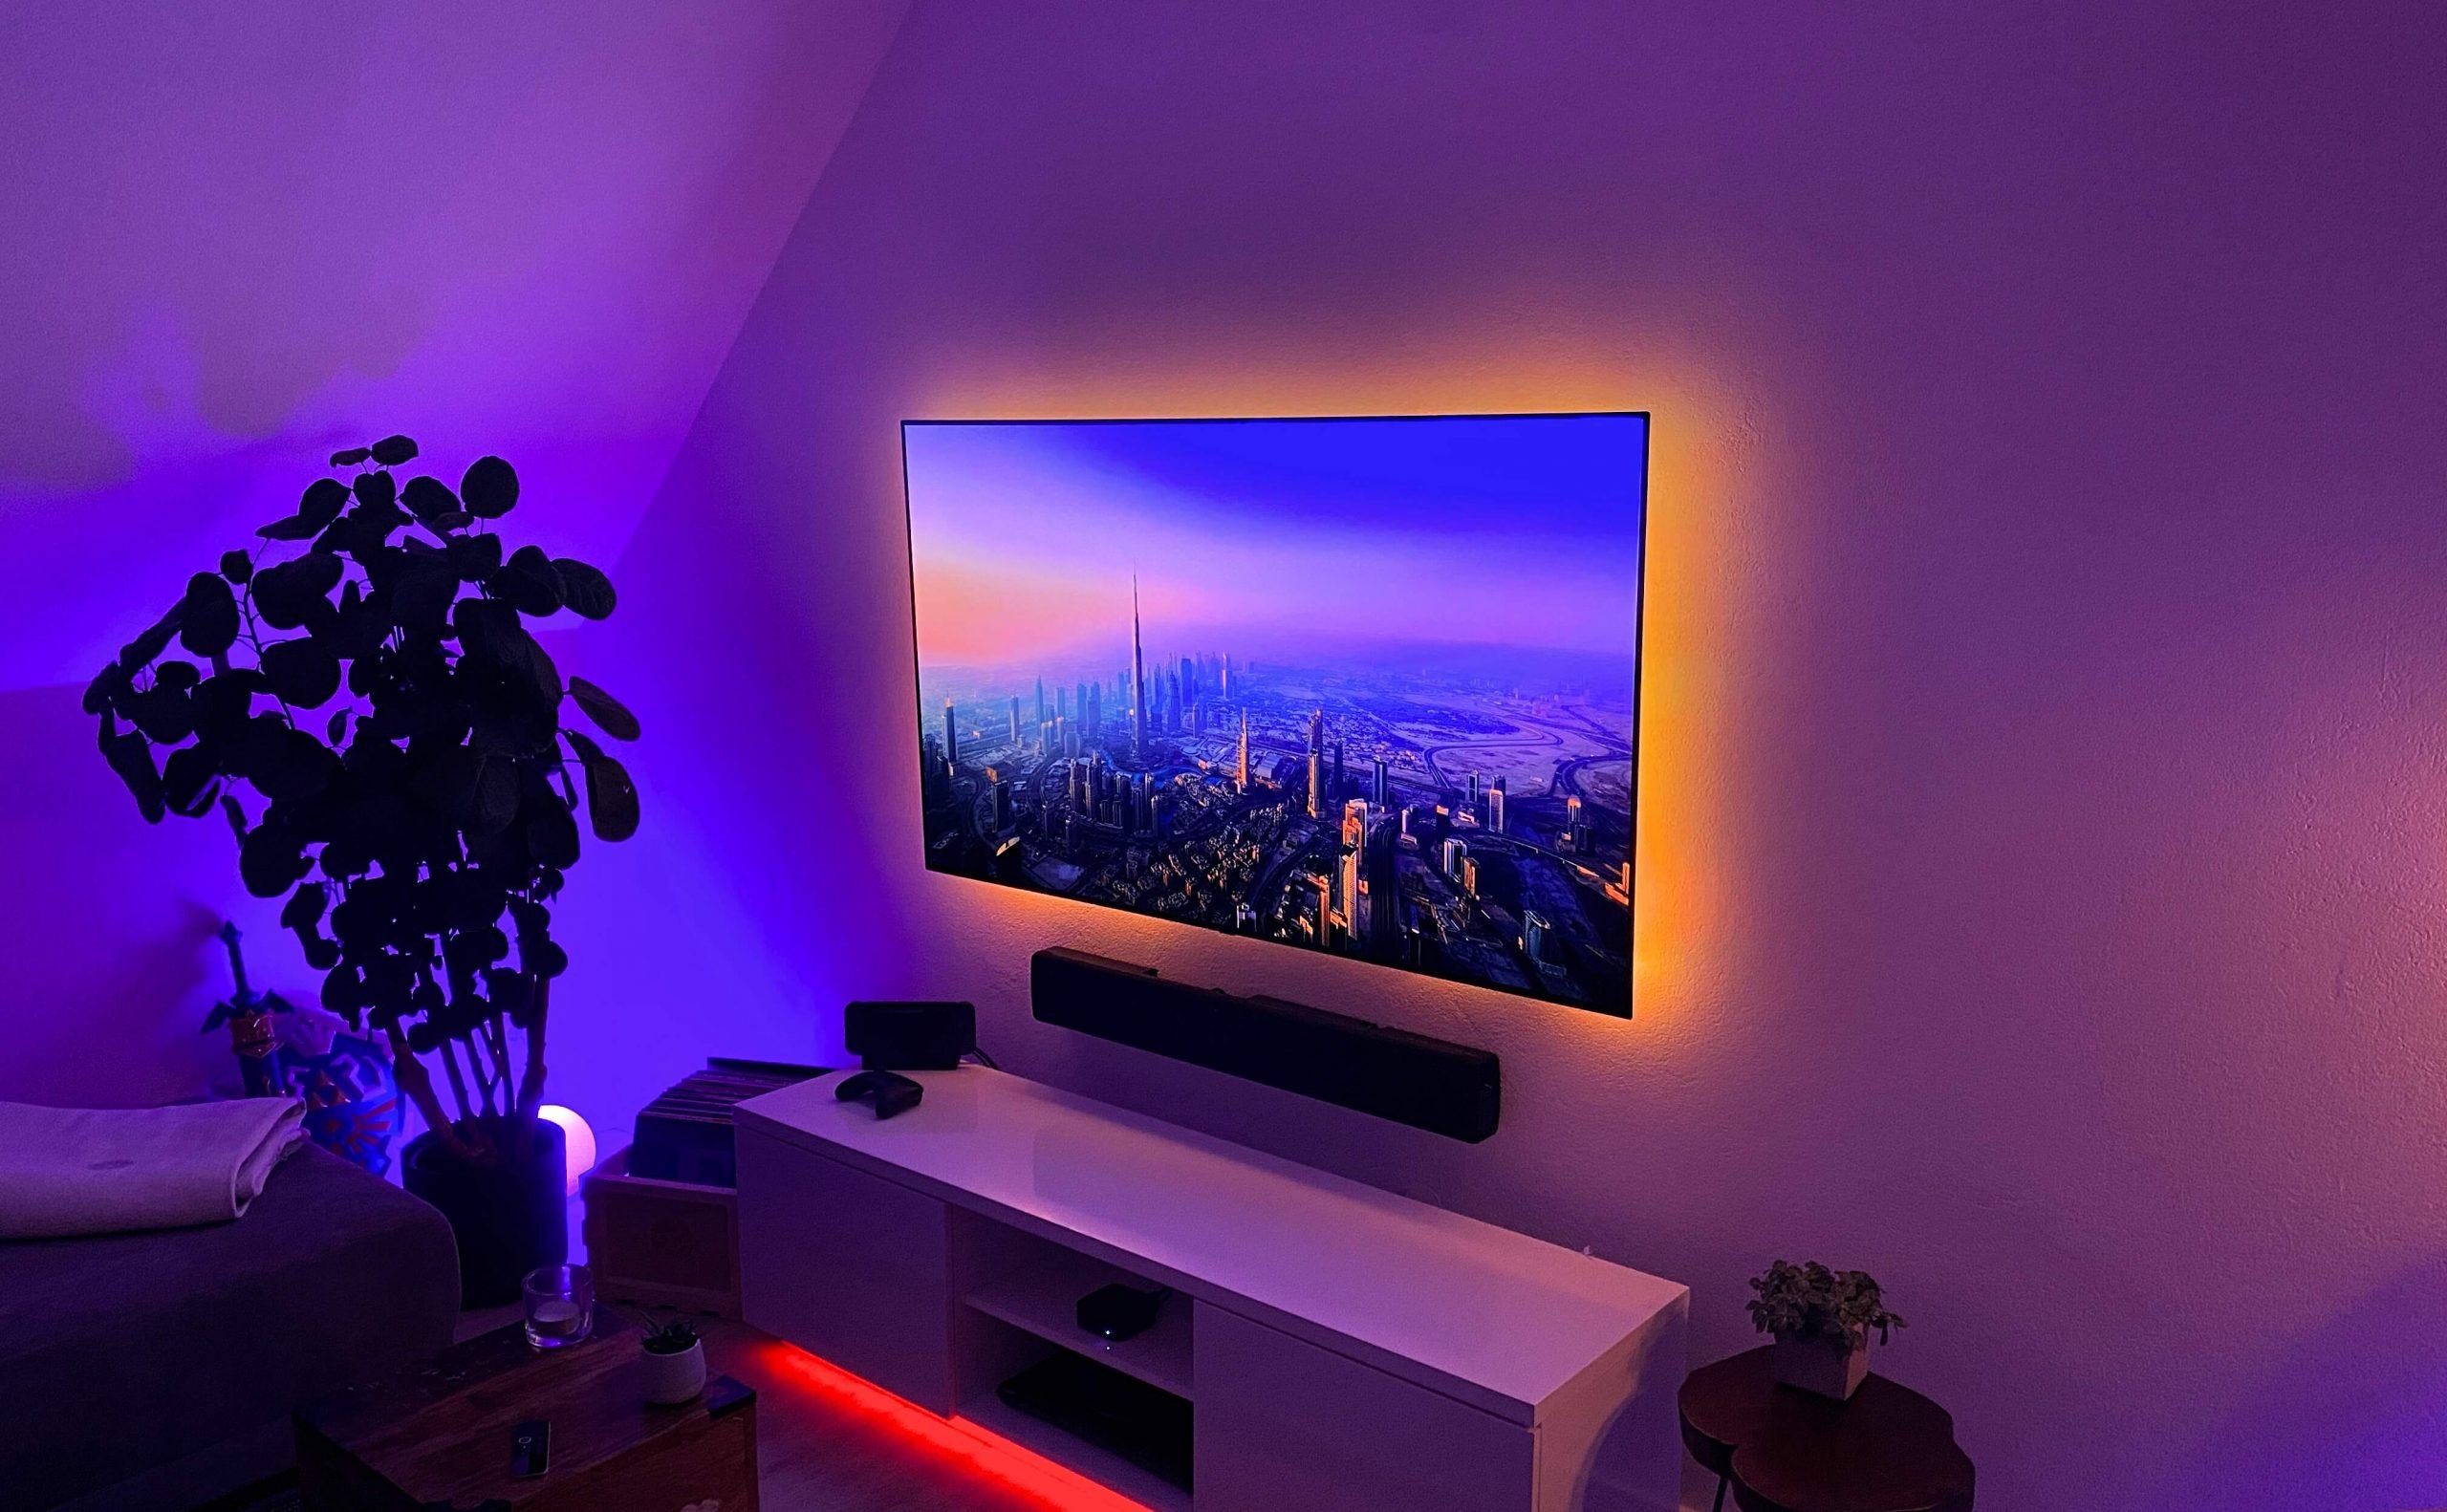 OLED65B97LA-von-LG-ein-OLED-TV-mit-Apple-HomeKit-und-AirPlay-27-scaled OLED65B97LA von LG - ein OLED-TV mit Apple HomeKit und AirPlay 2